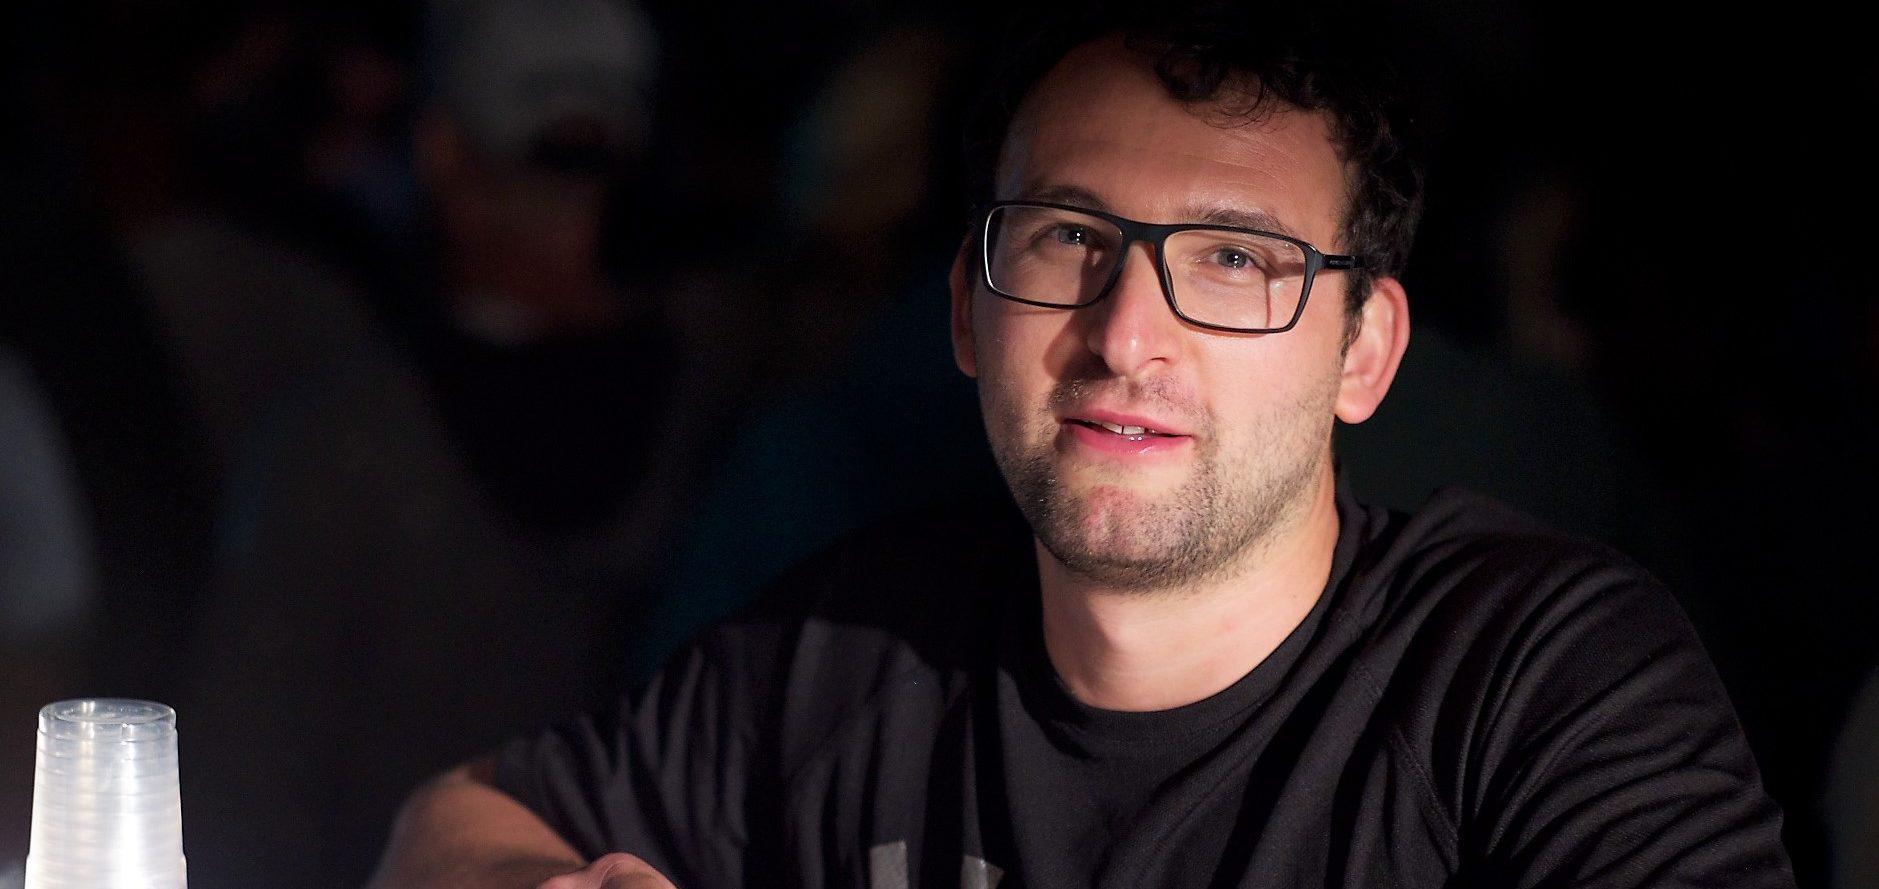 Stefan Carigiet